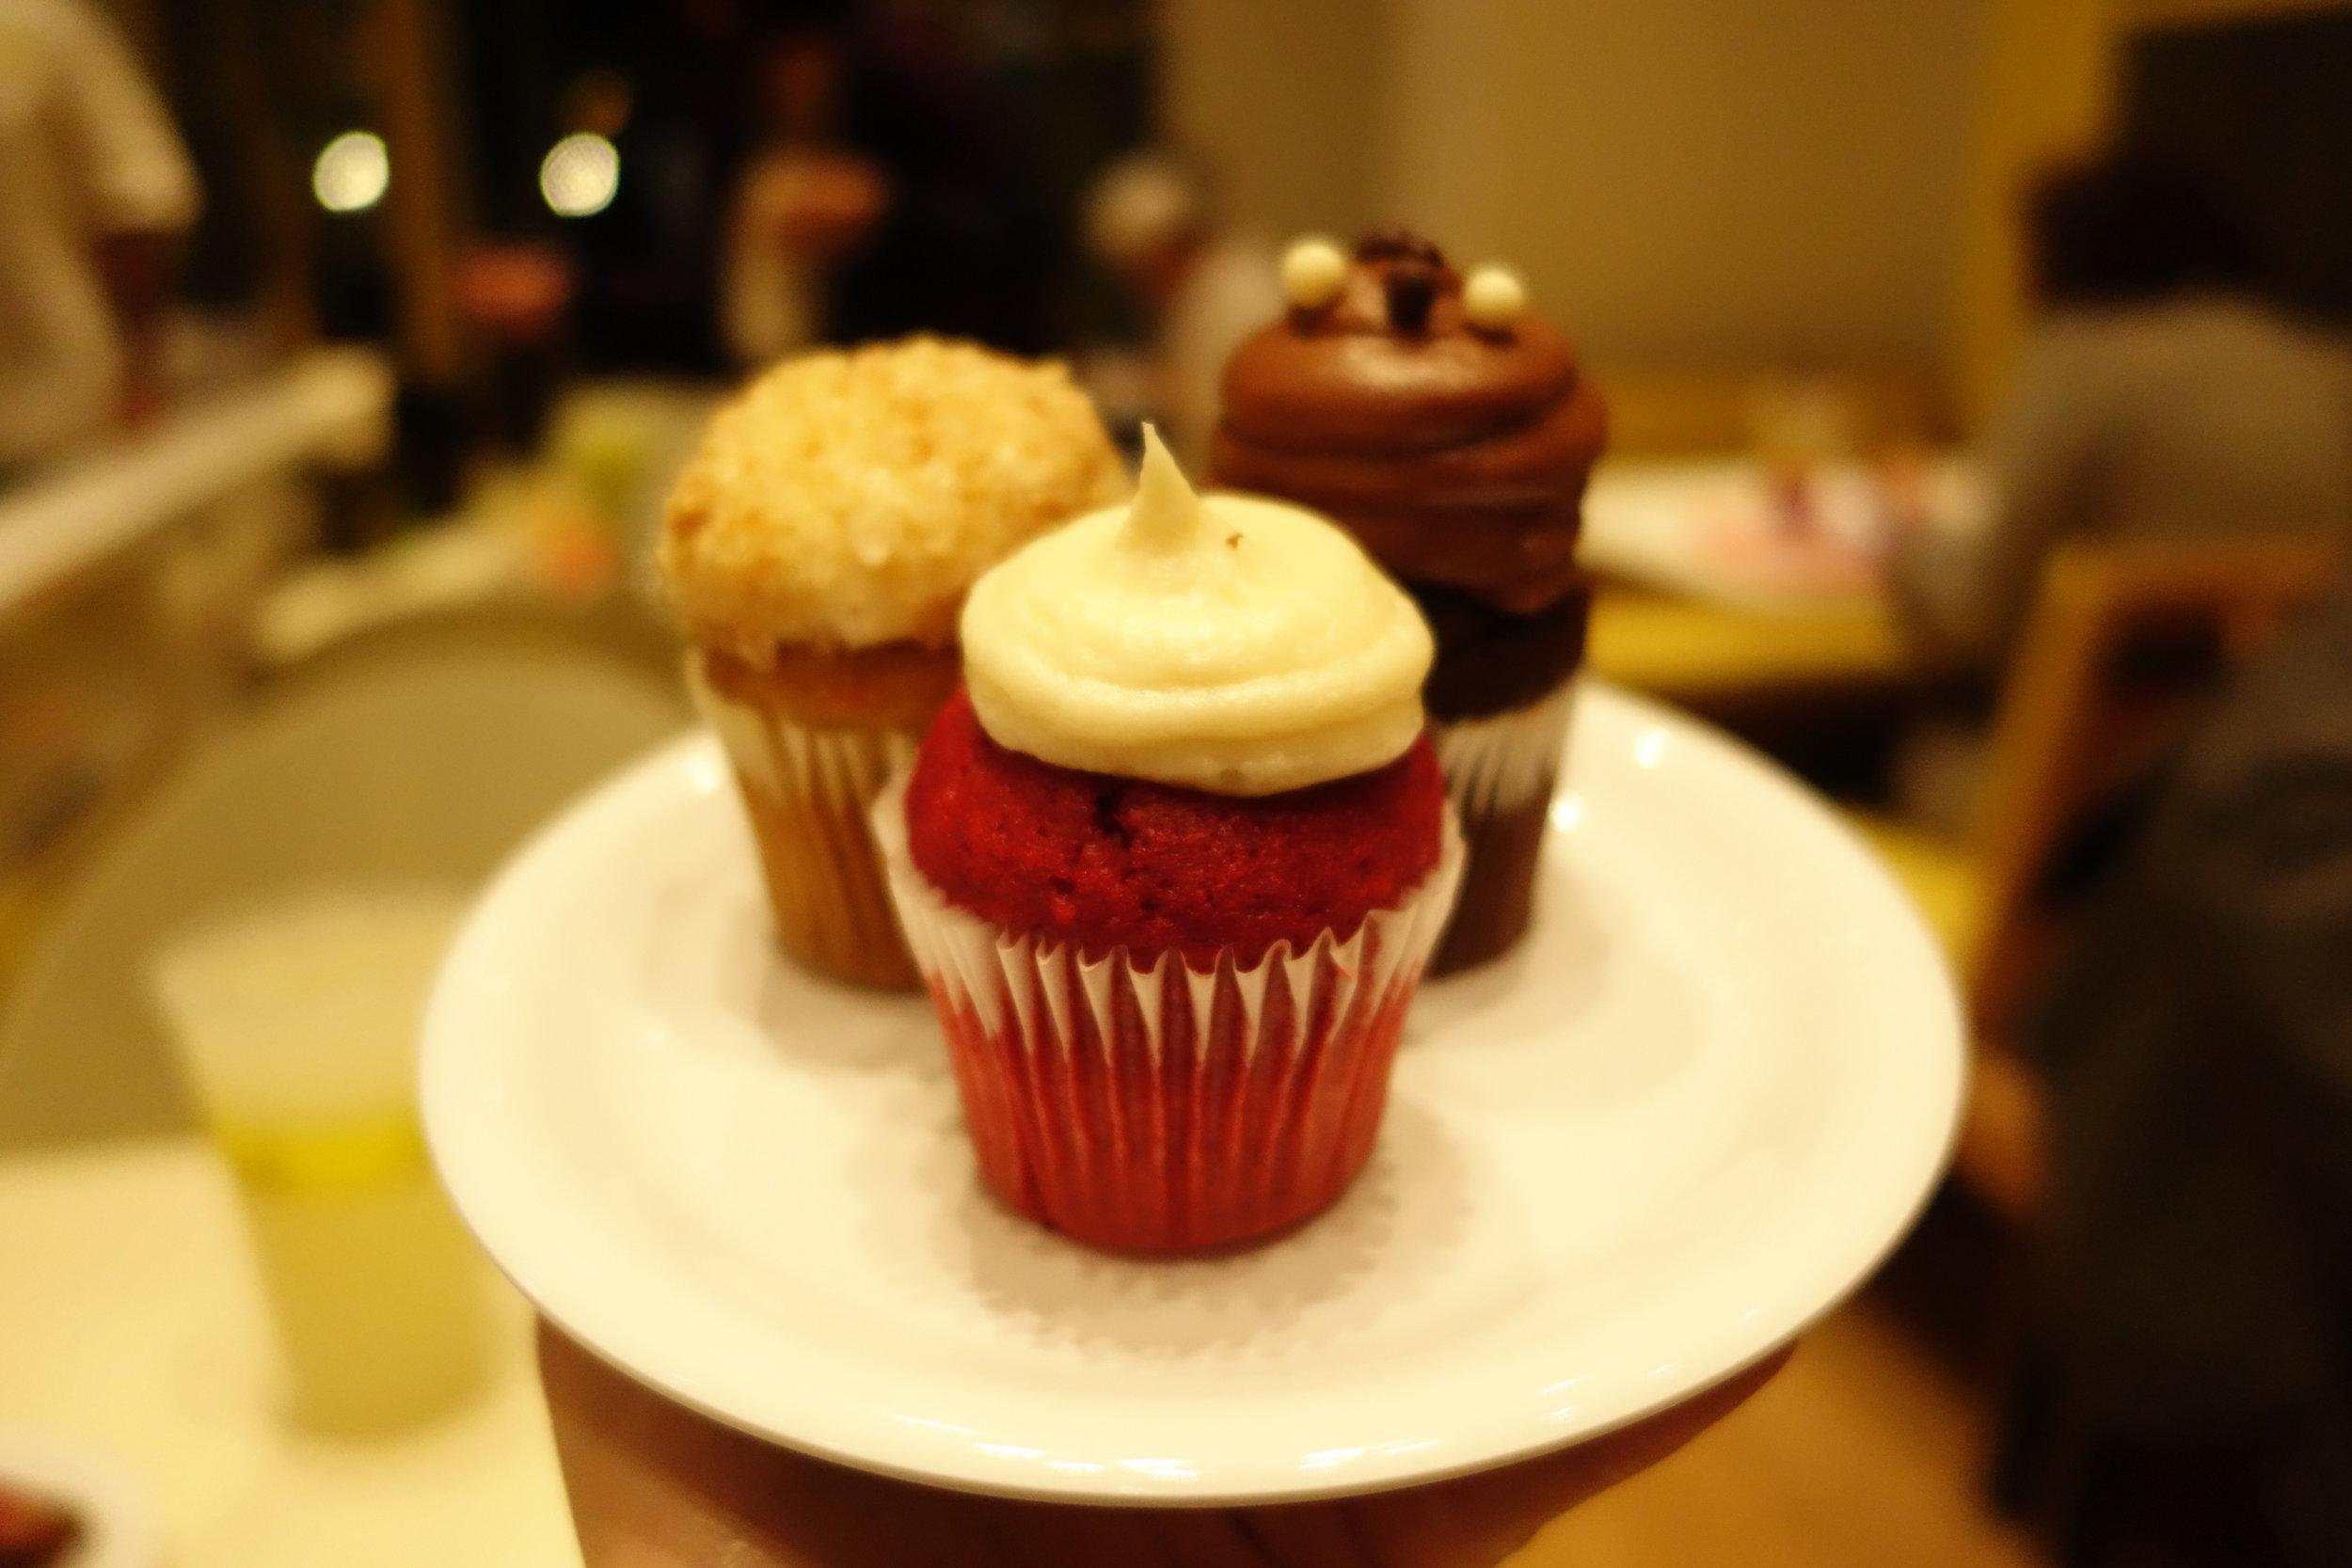 From front clockwise: Red Velvet, Carrot & Chocolate Buttercream